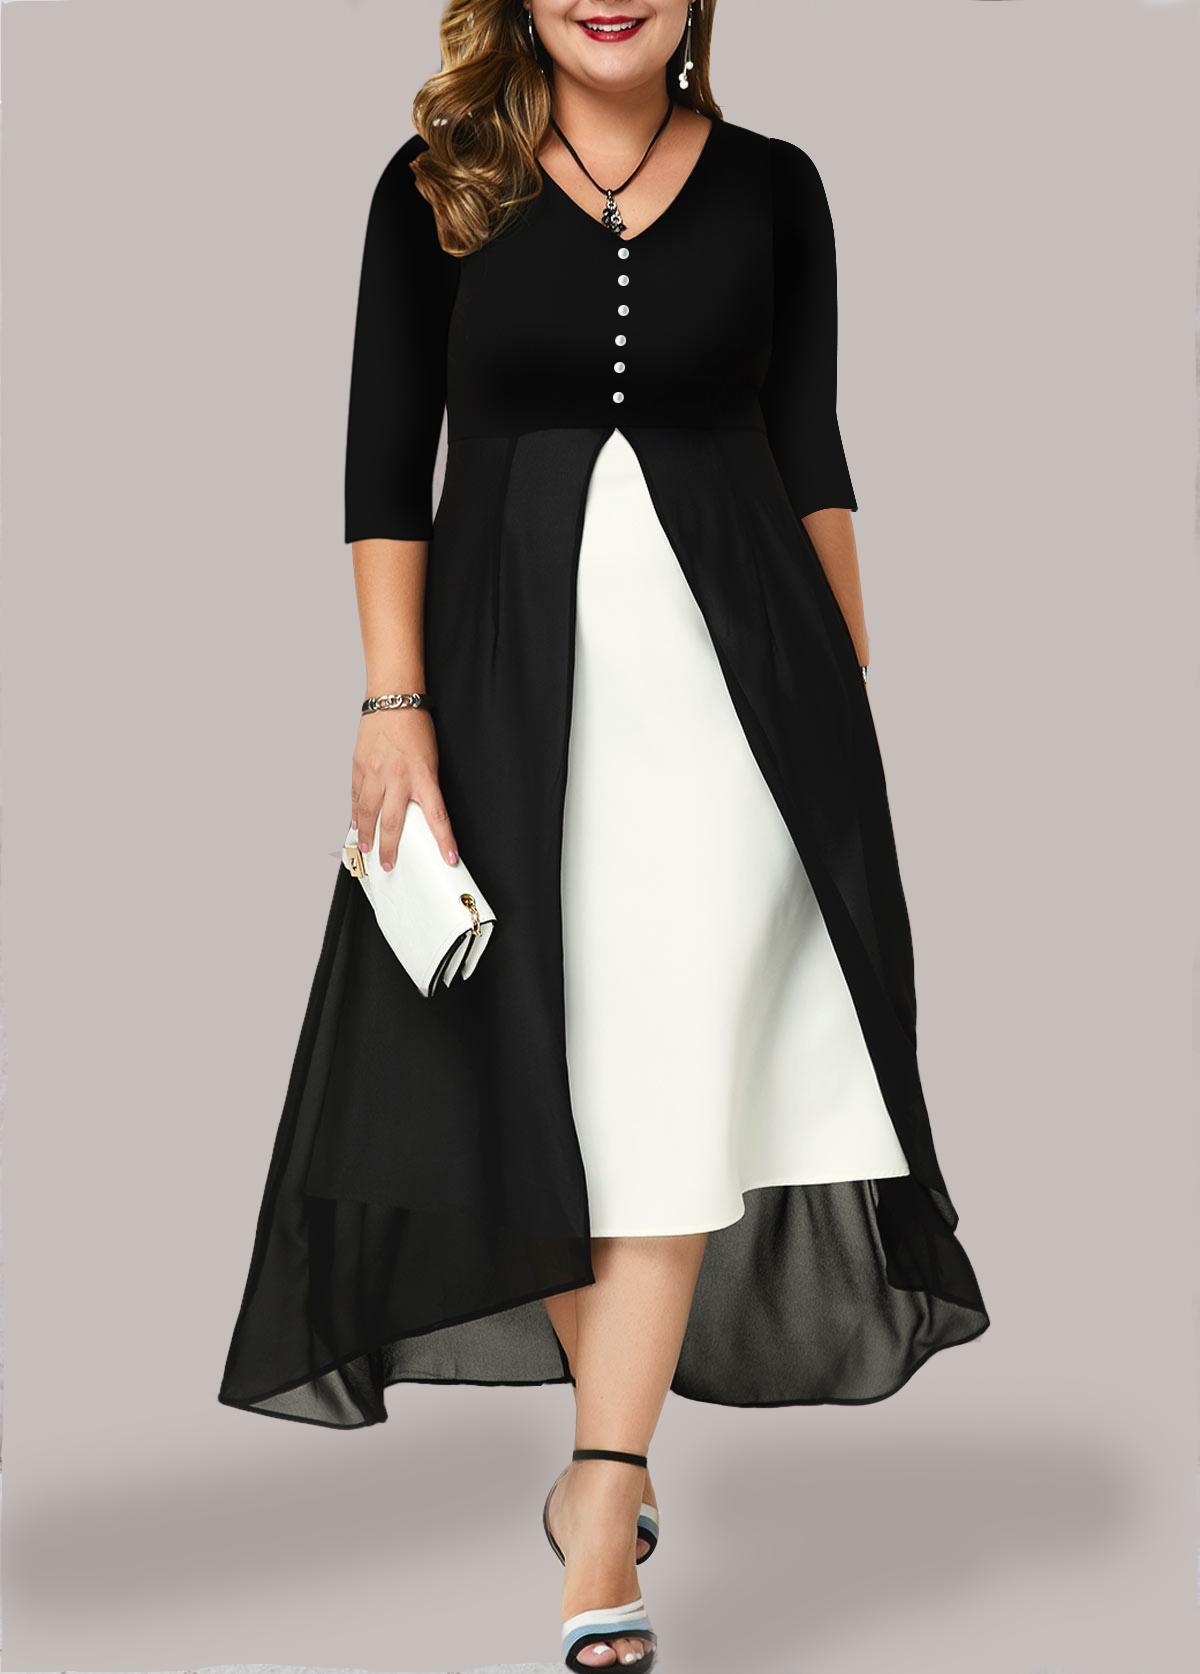 Contrast Chiffon Panel Plus Size Dress